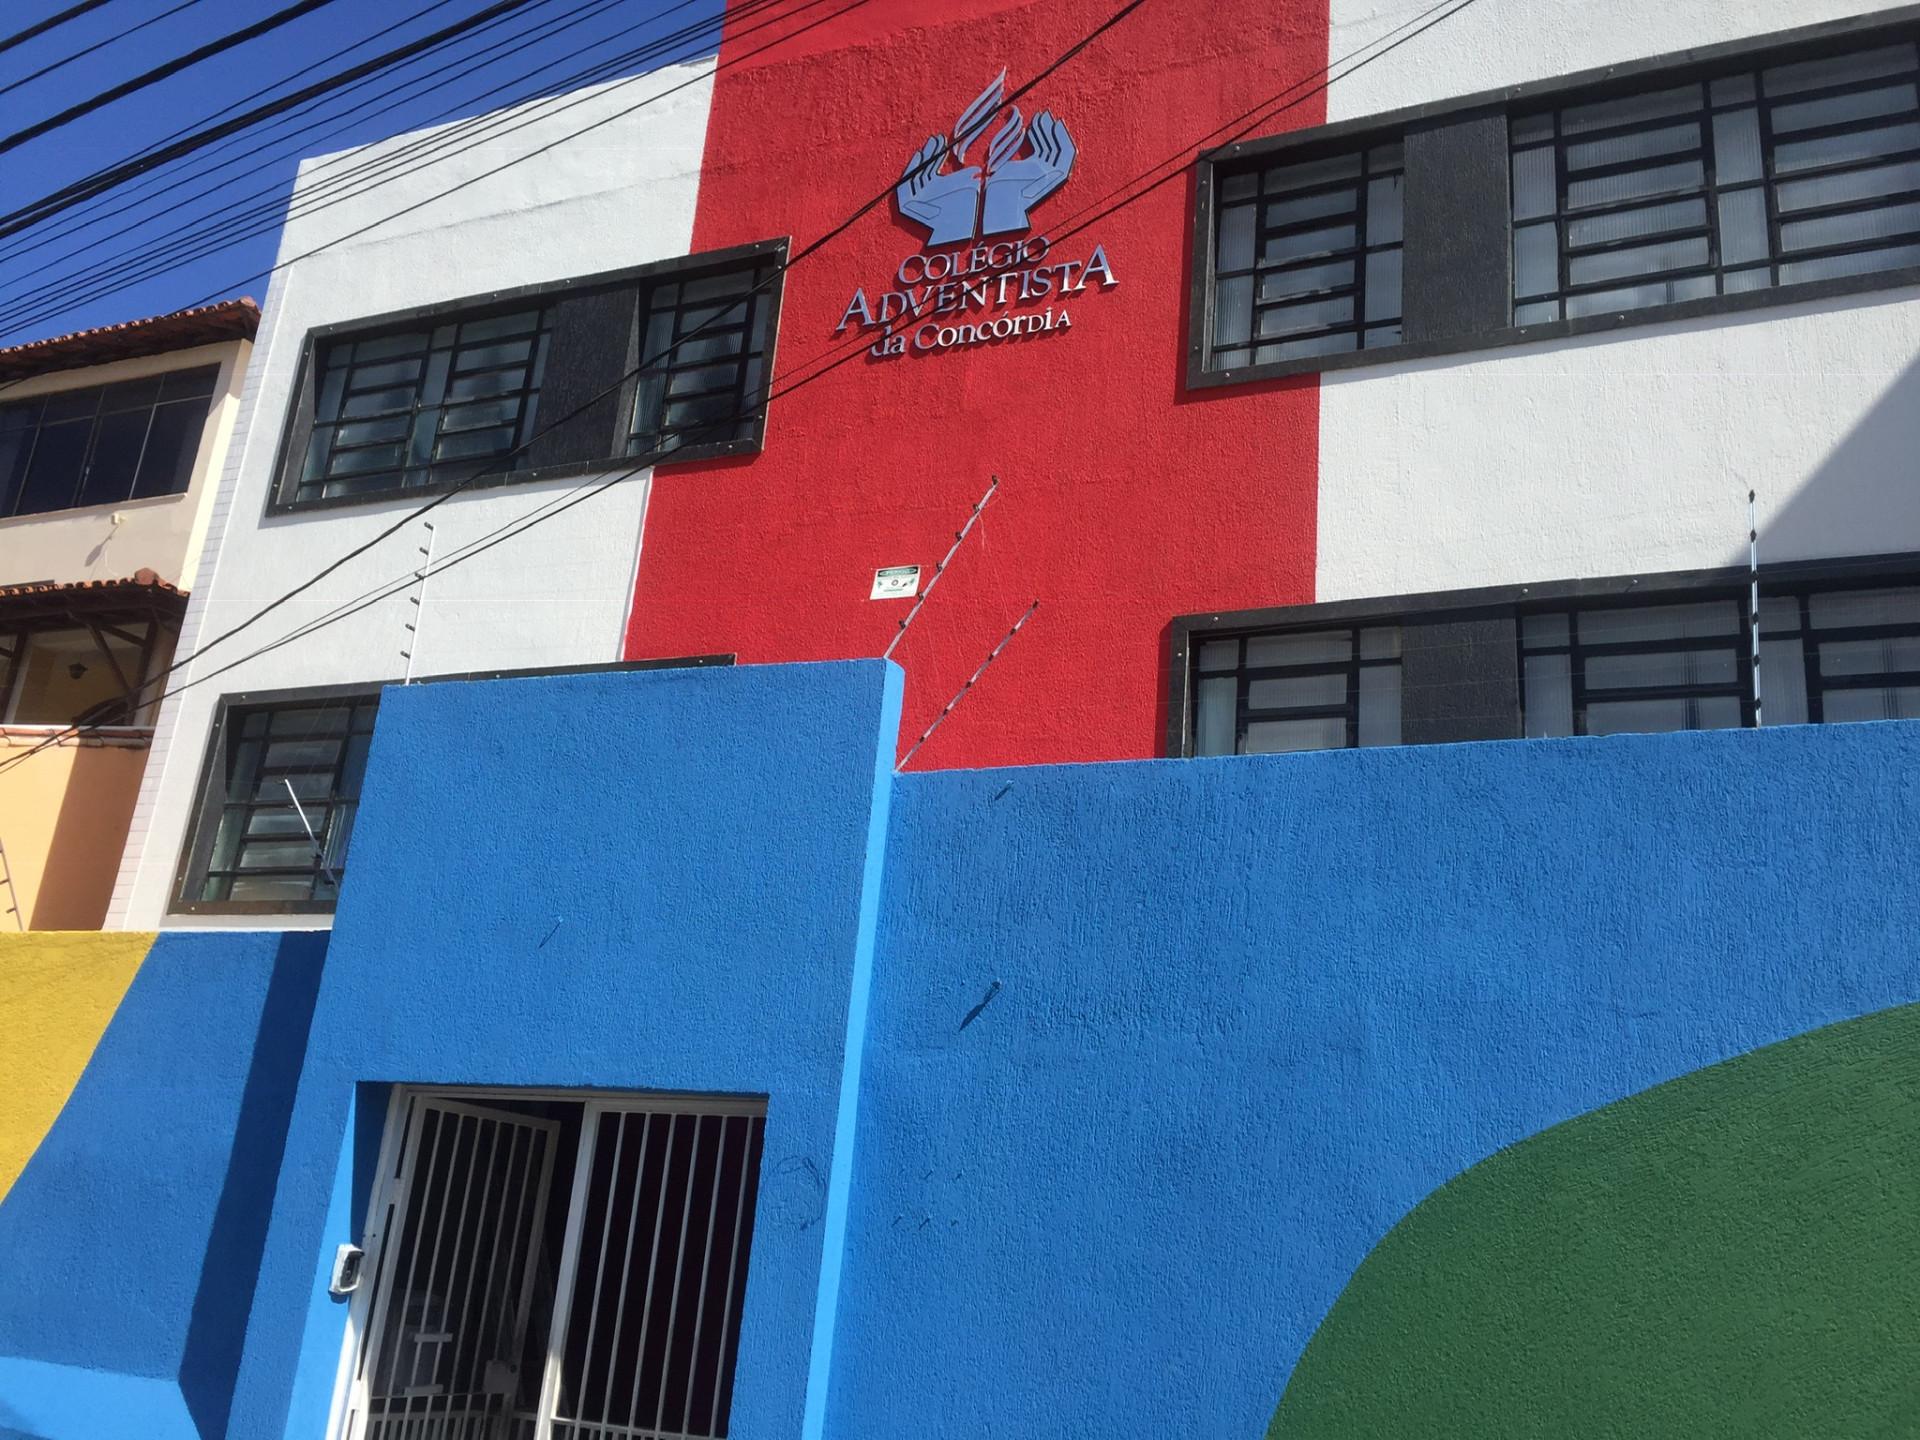 Escola Adventista da Concórdia